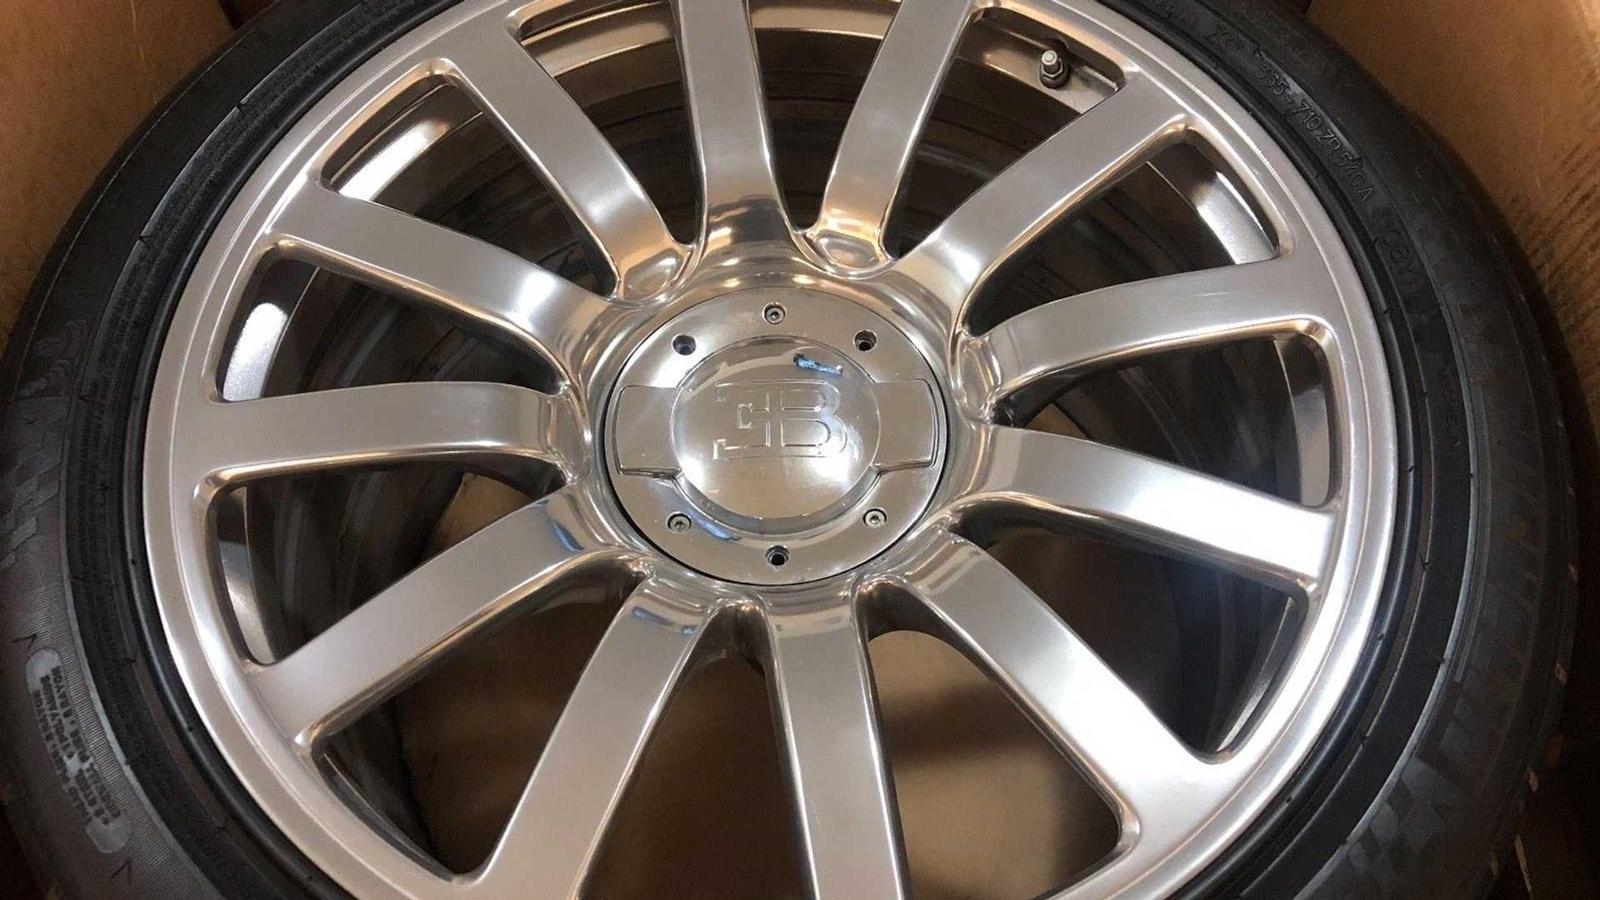 Một bộ lốp Bugatti Veyron tiêu chuẩn đắt gấp rưỡi bộ lốp trên eBay